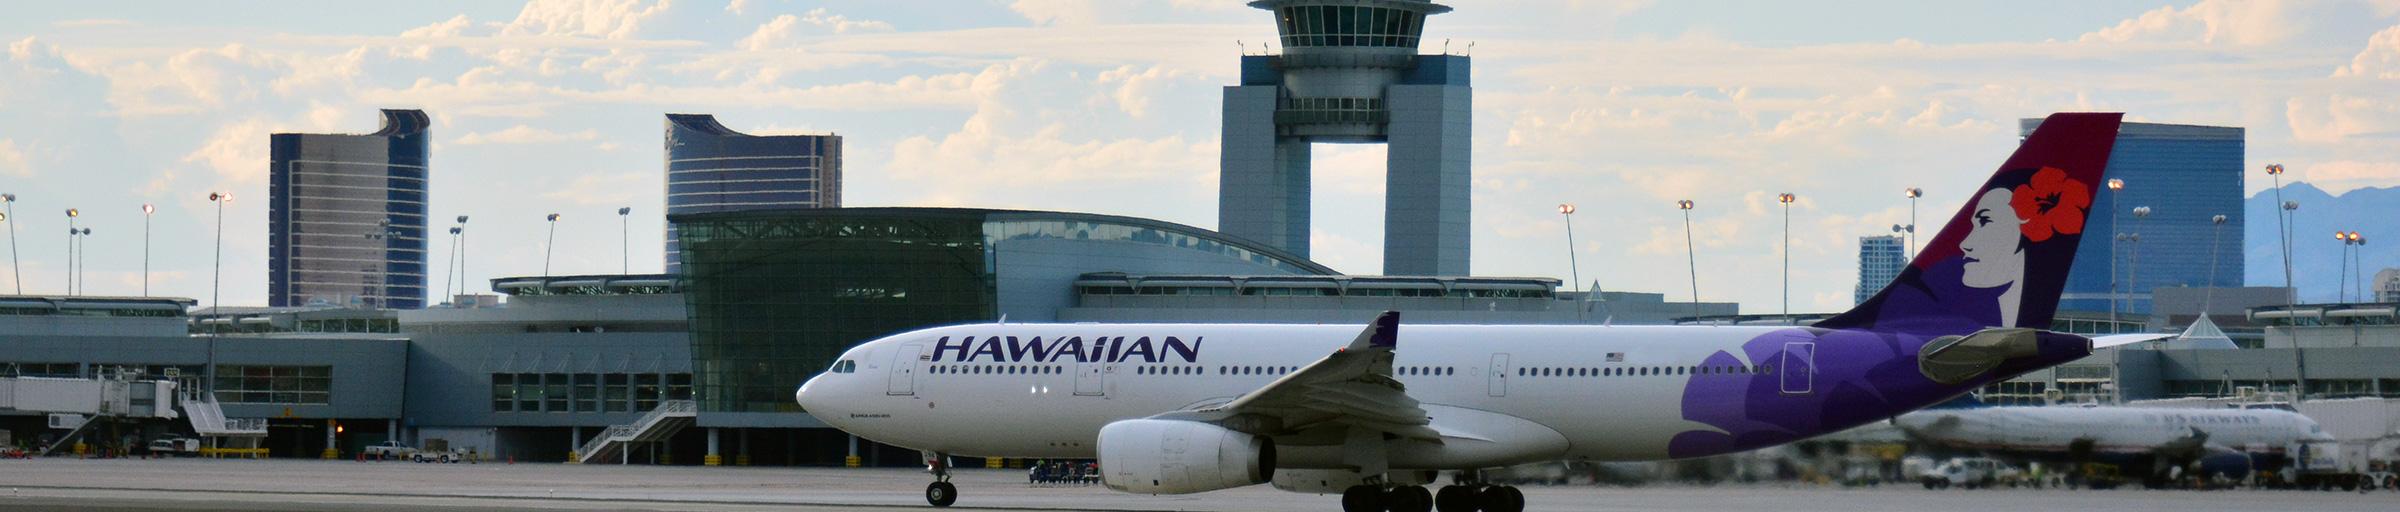 Hawaiian Airlines at McCarran